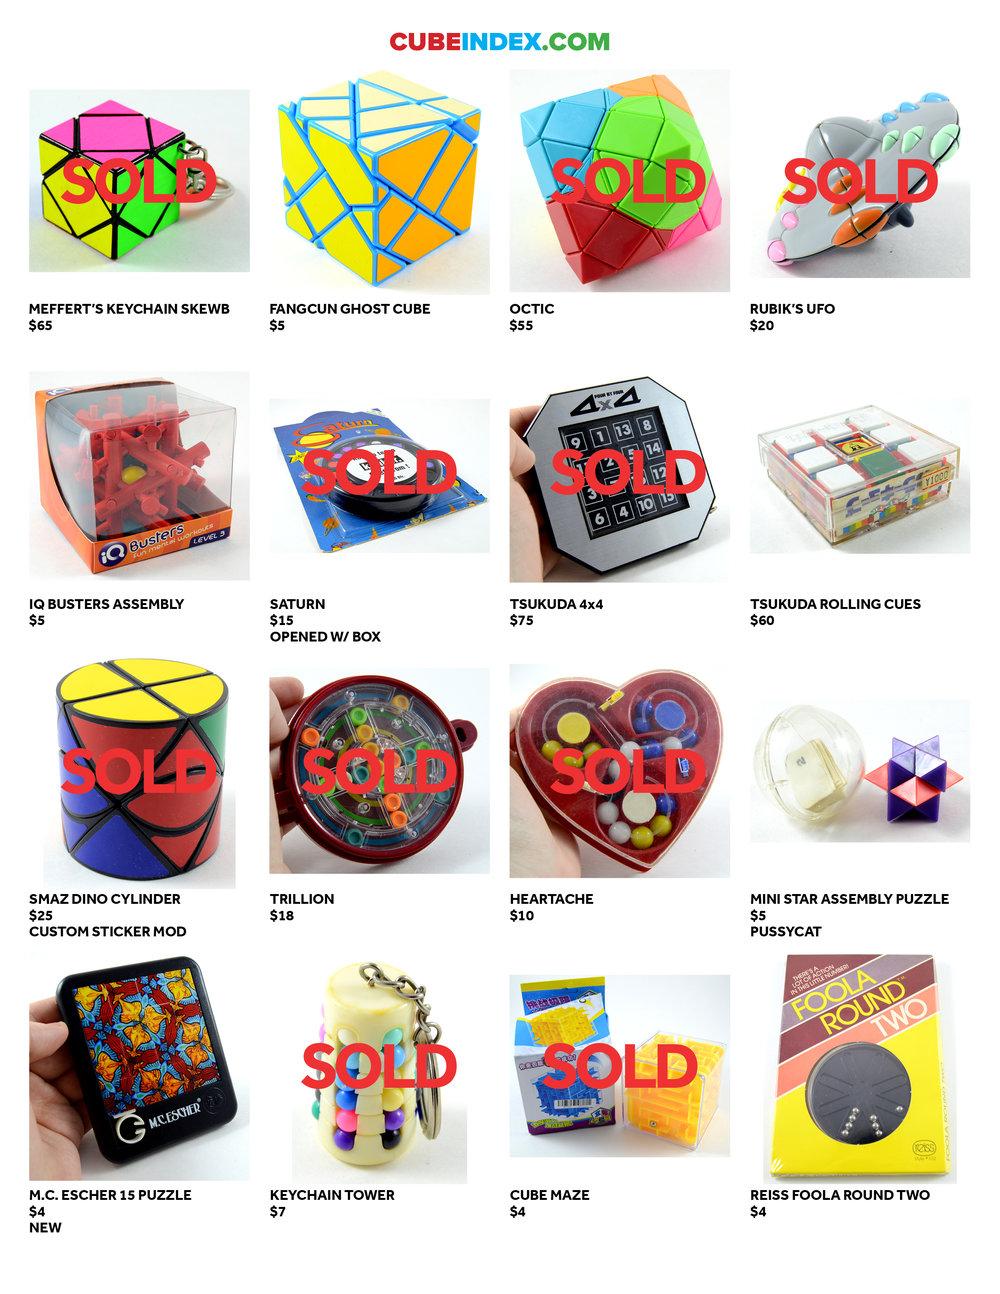 cube-index-for-sale-catalog-april-2017-v59.jpg